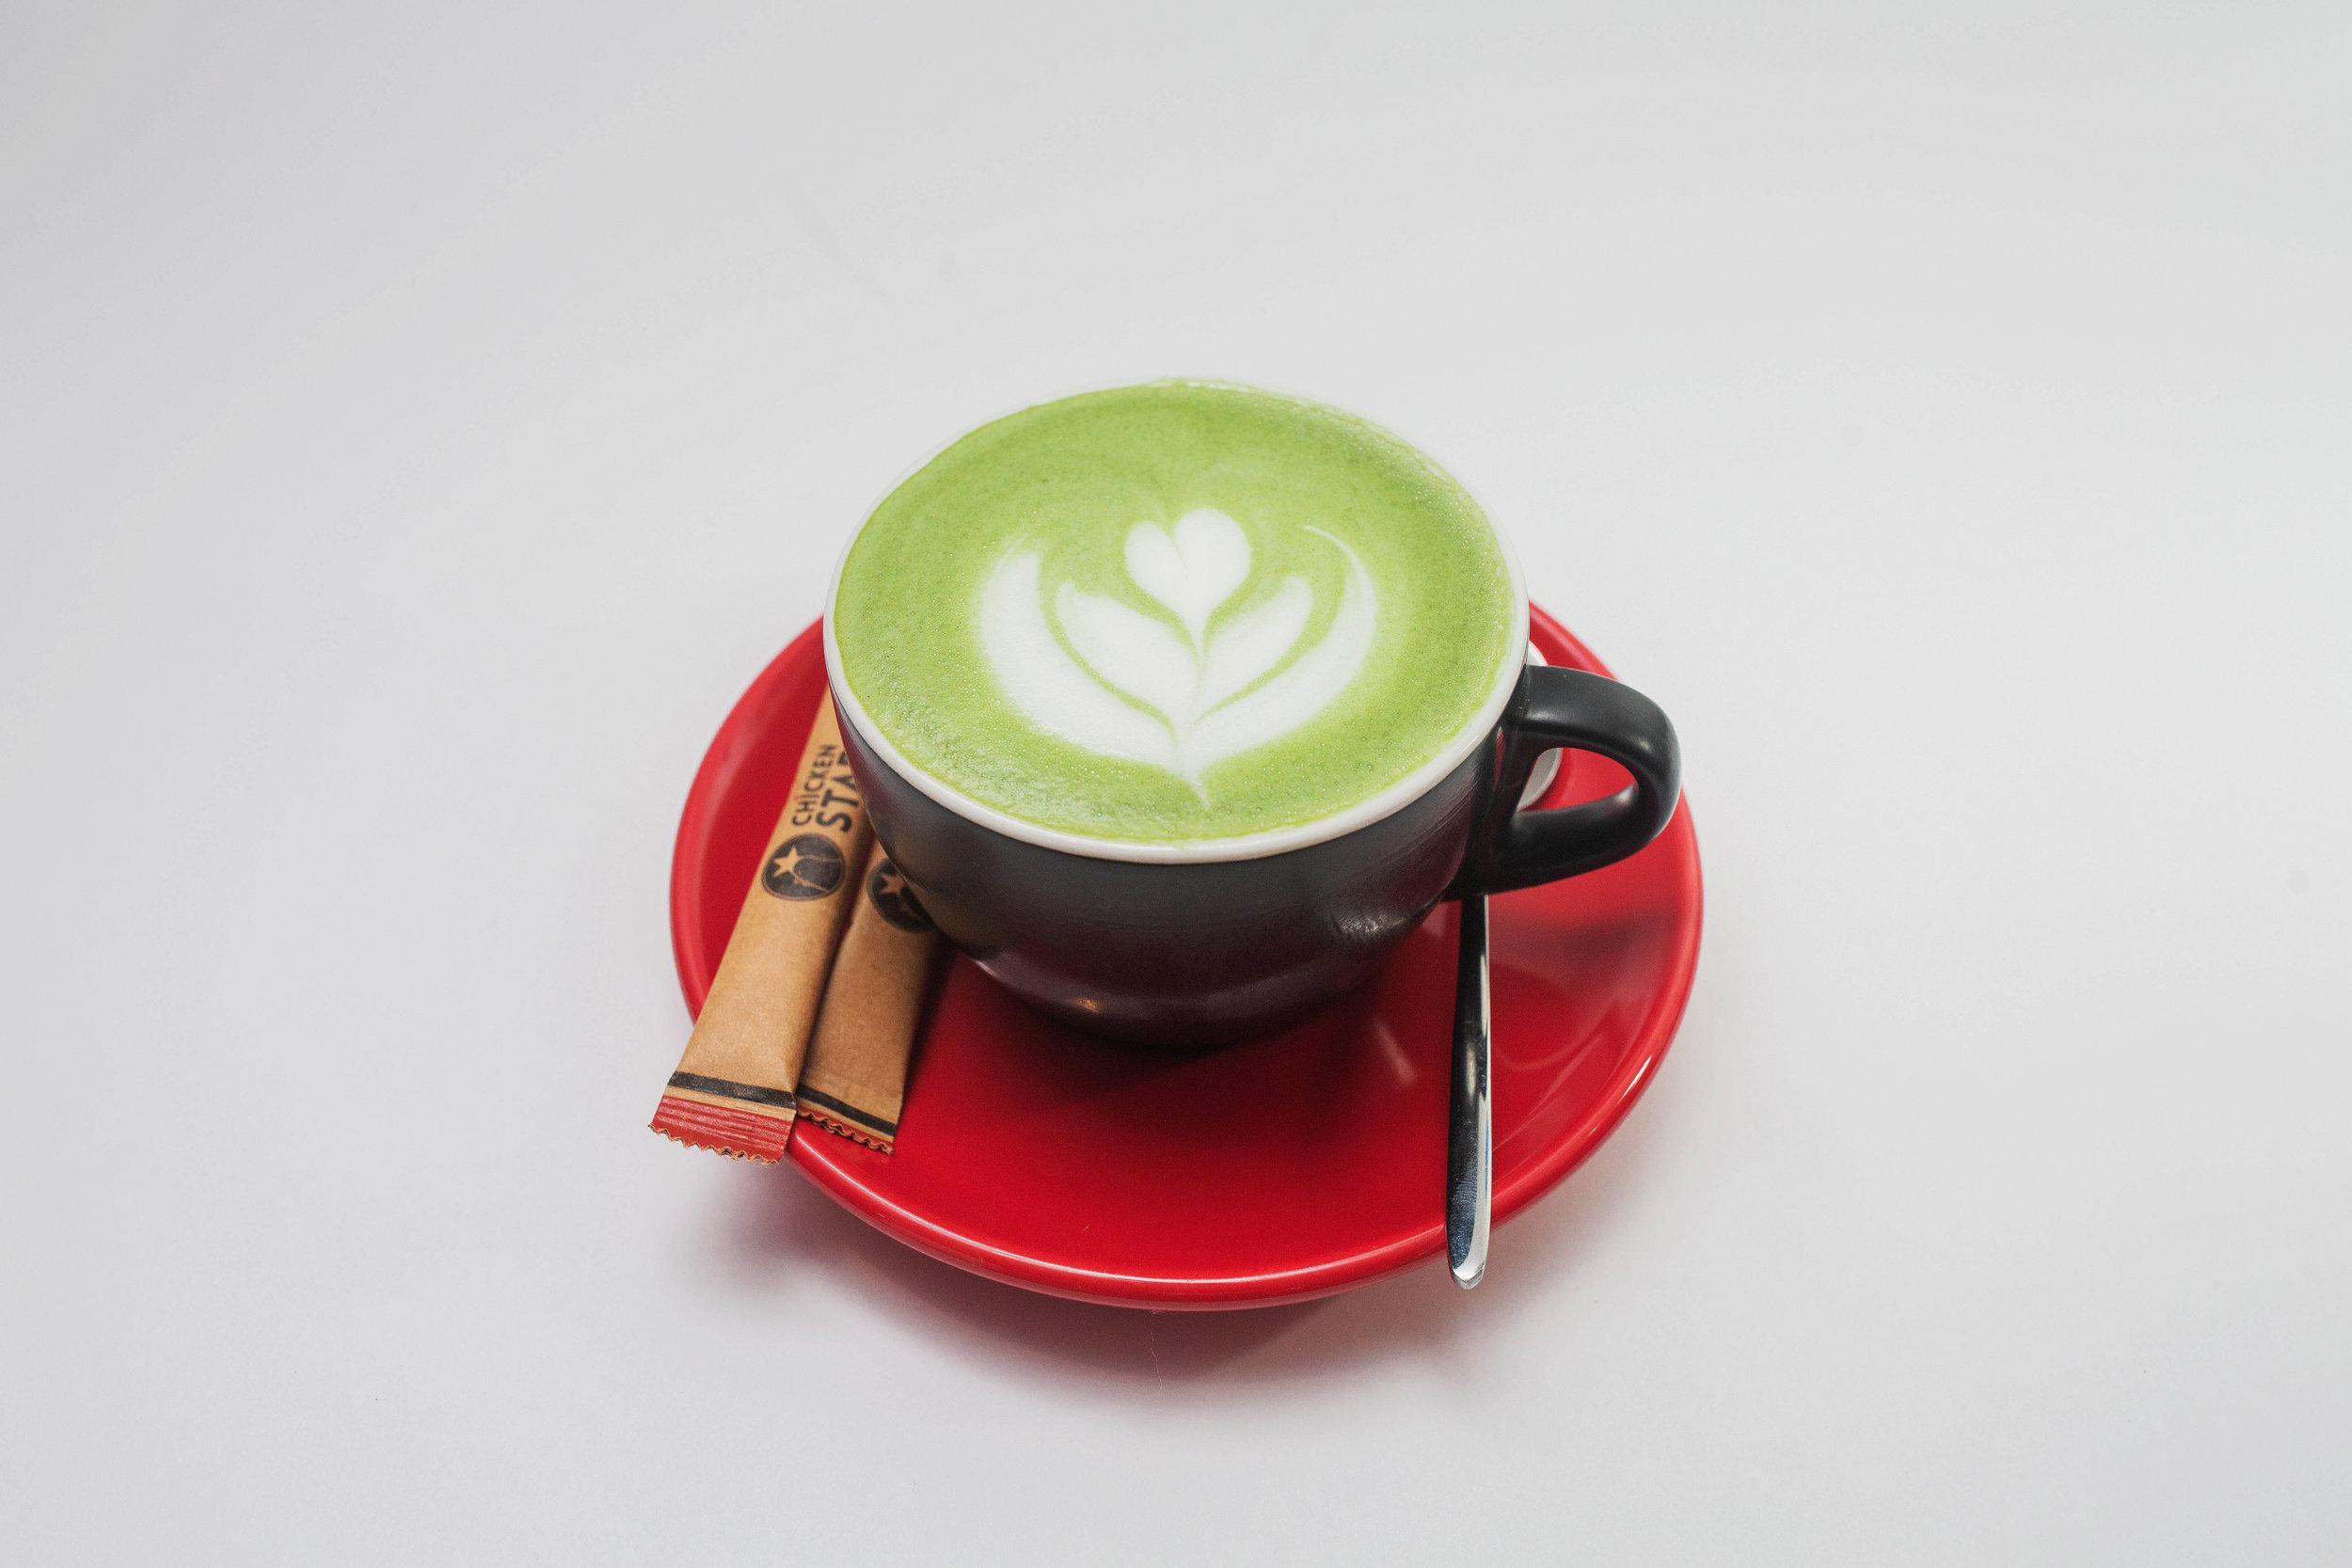 Matcha Latte or Green Tea Latte - 190 kgs